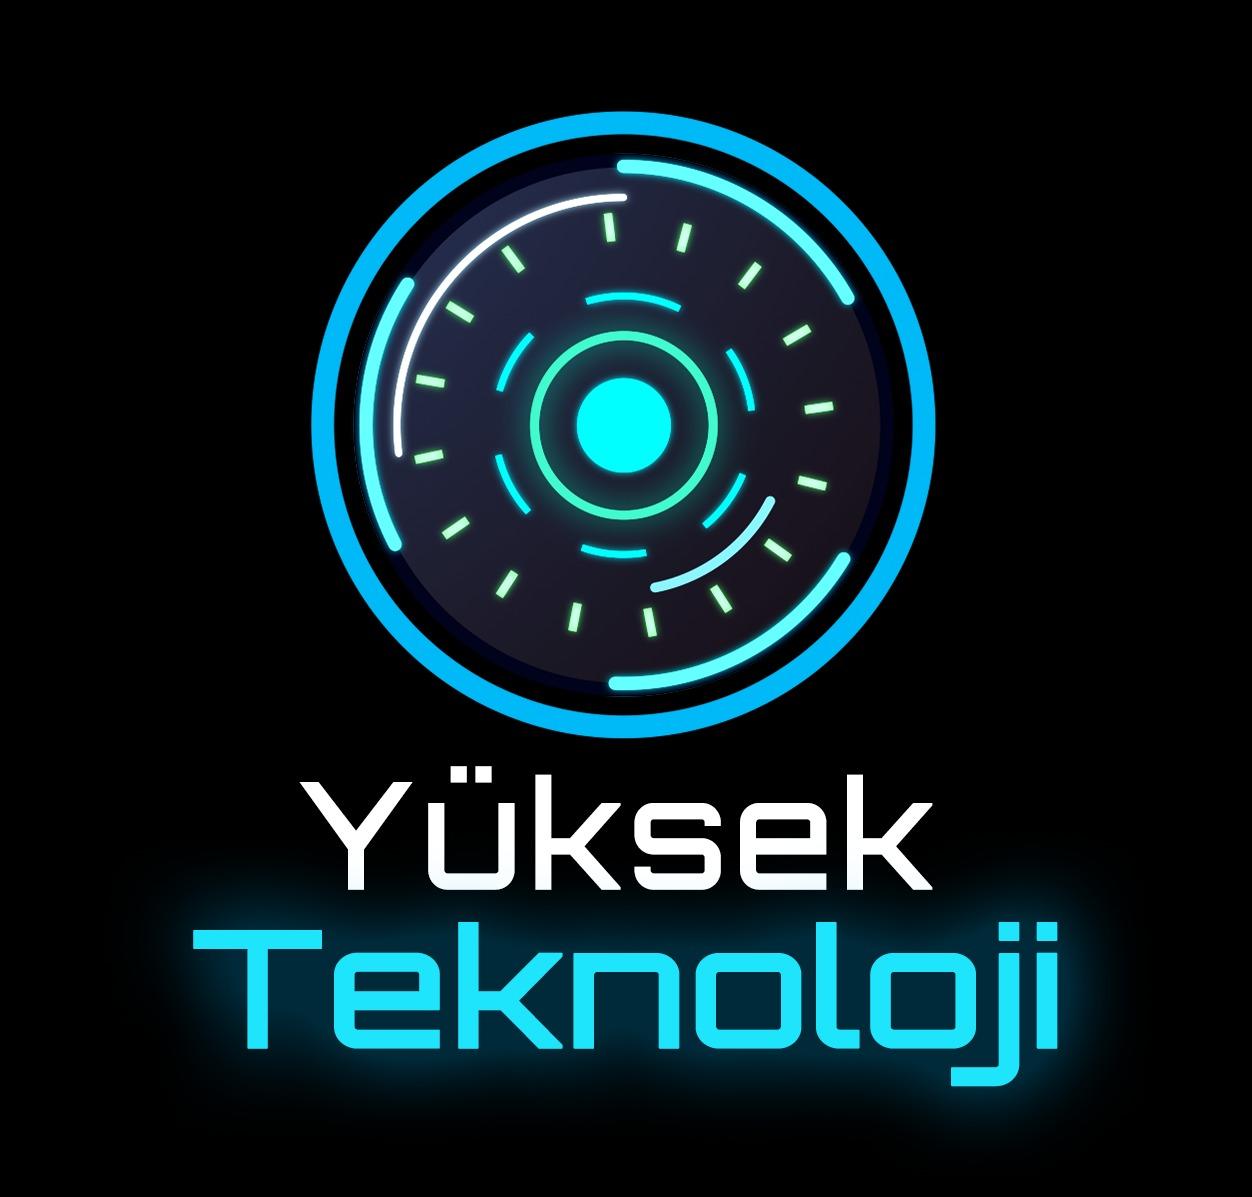 Yüksek Teknoloji